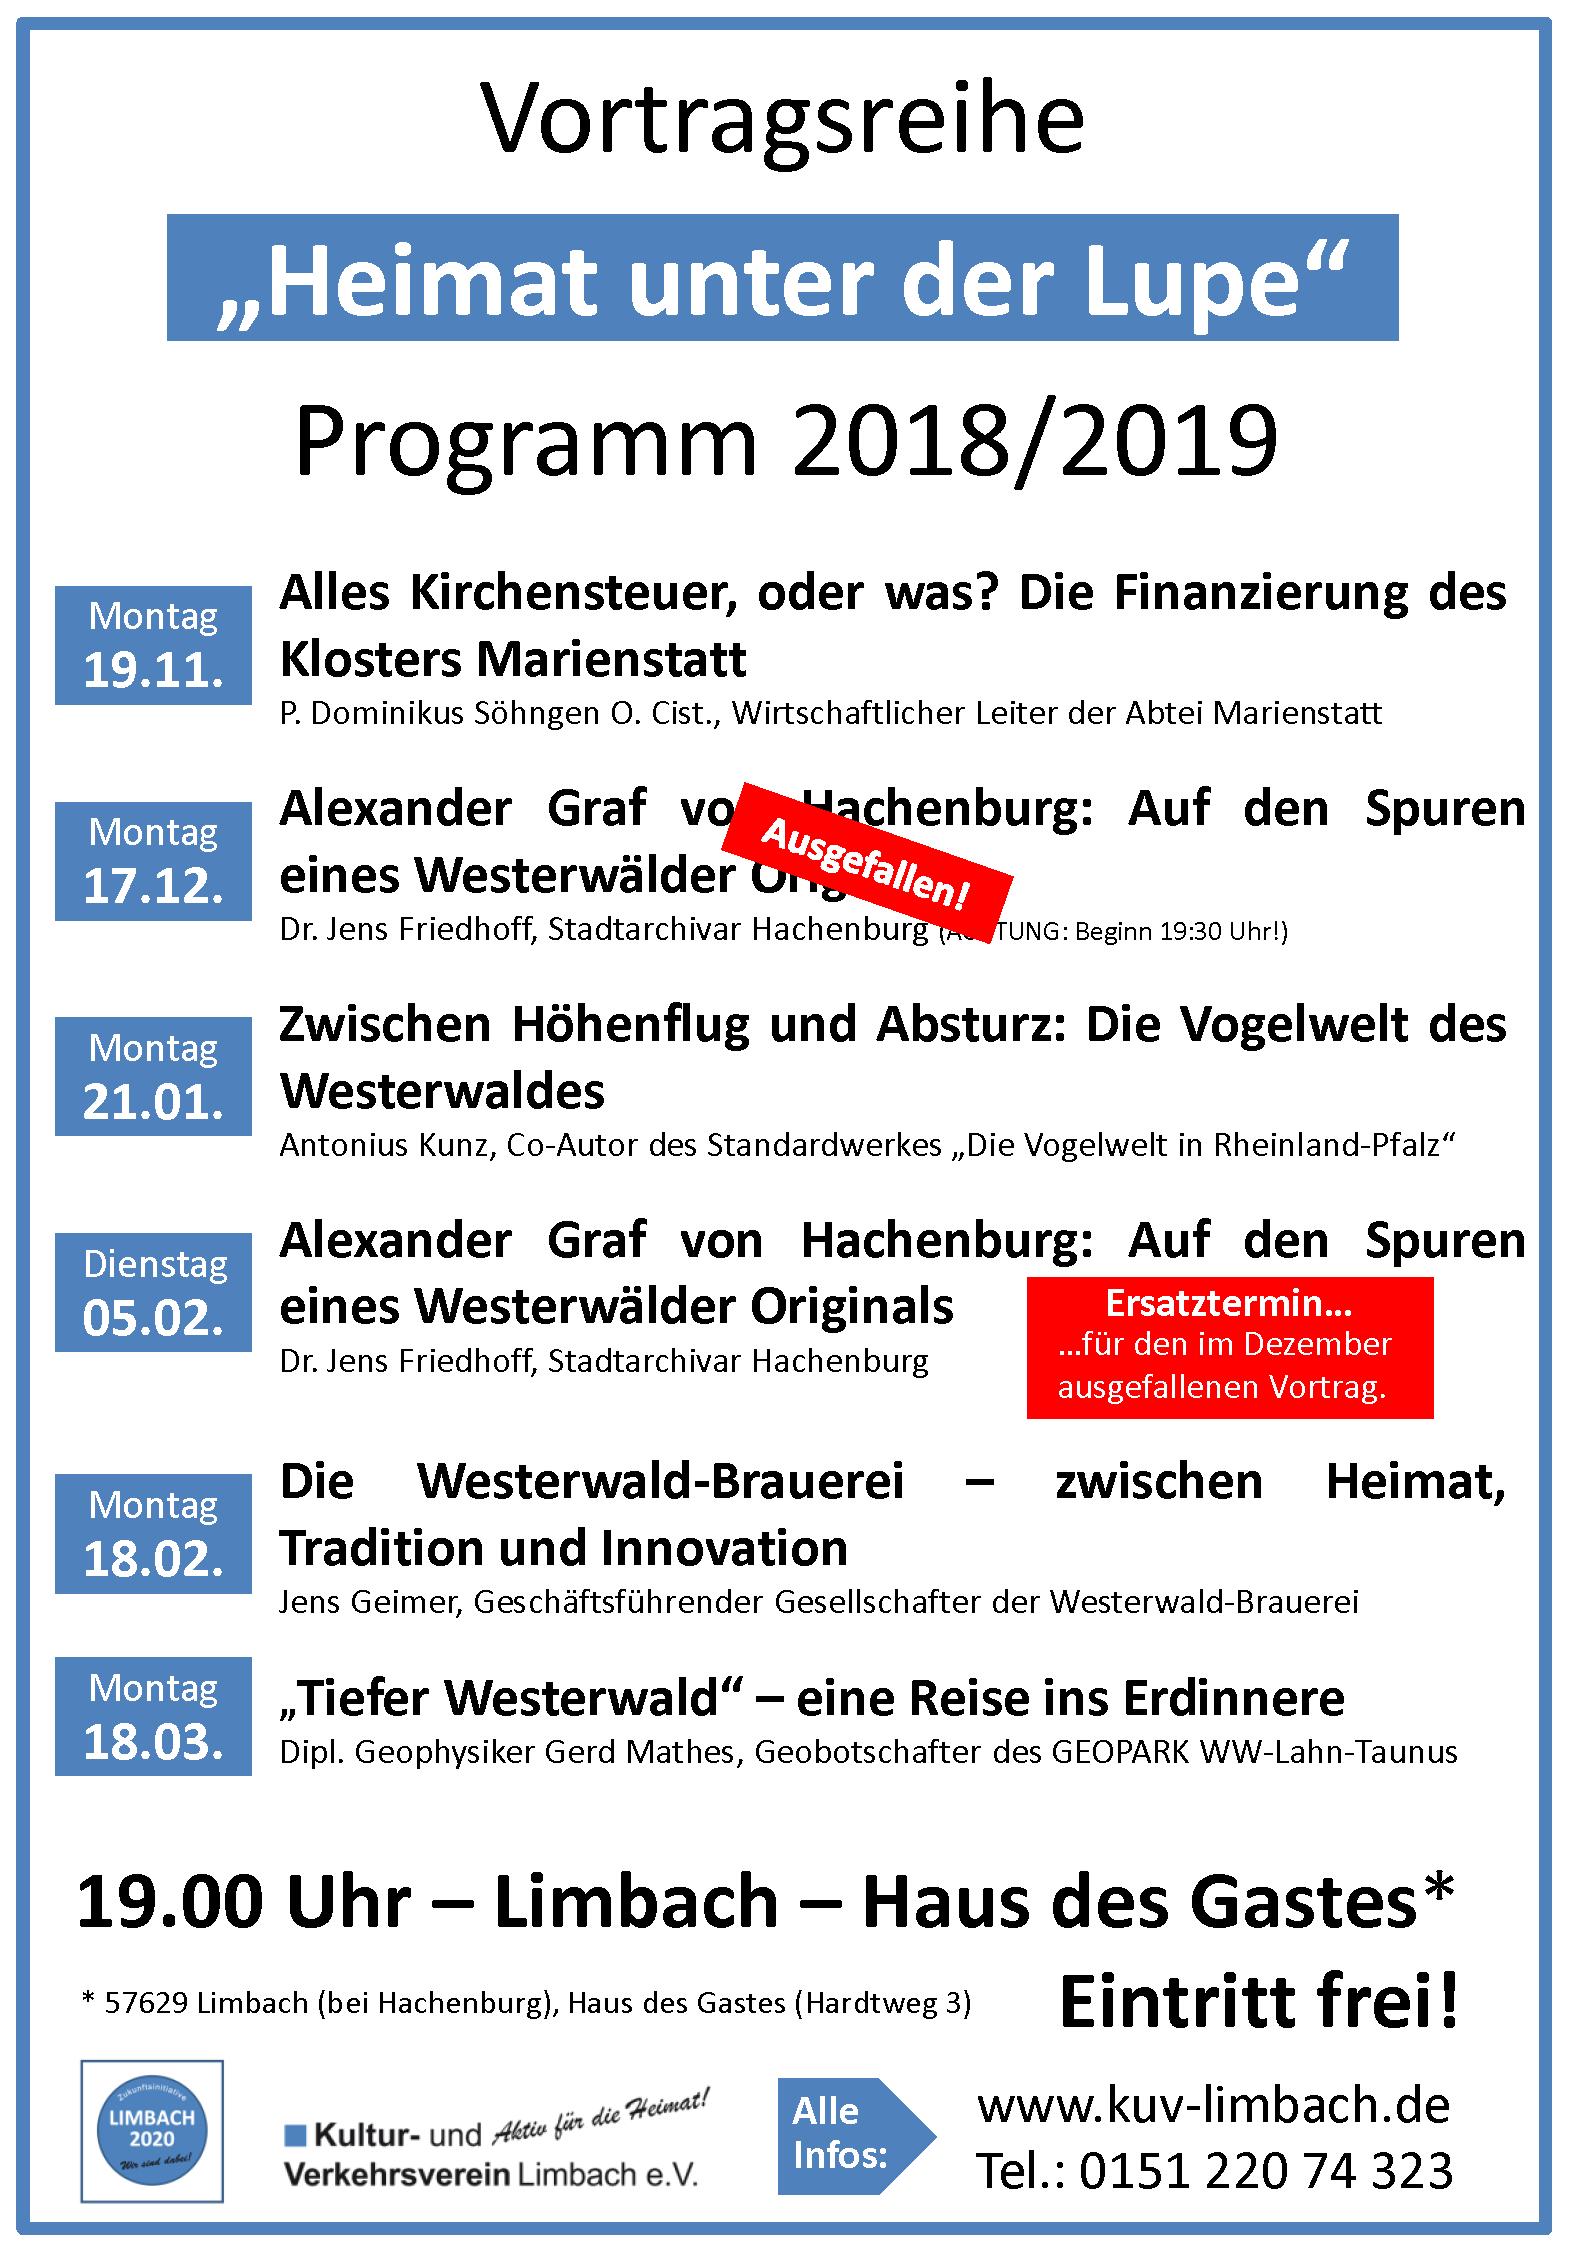 https://sites.google.com/a/kuv-limbach.de/kultur--und-verkehrsverein-limbach-e-v/heimat-unter-der-lupe/2018-2019-HudL-Homepage-Kurz%C3%BCbersicht-NEU.png